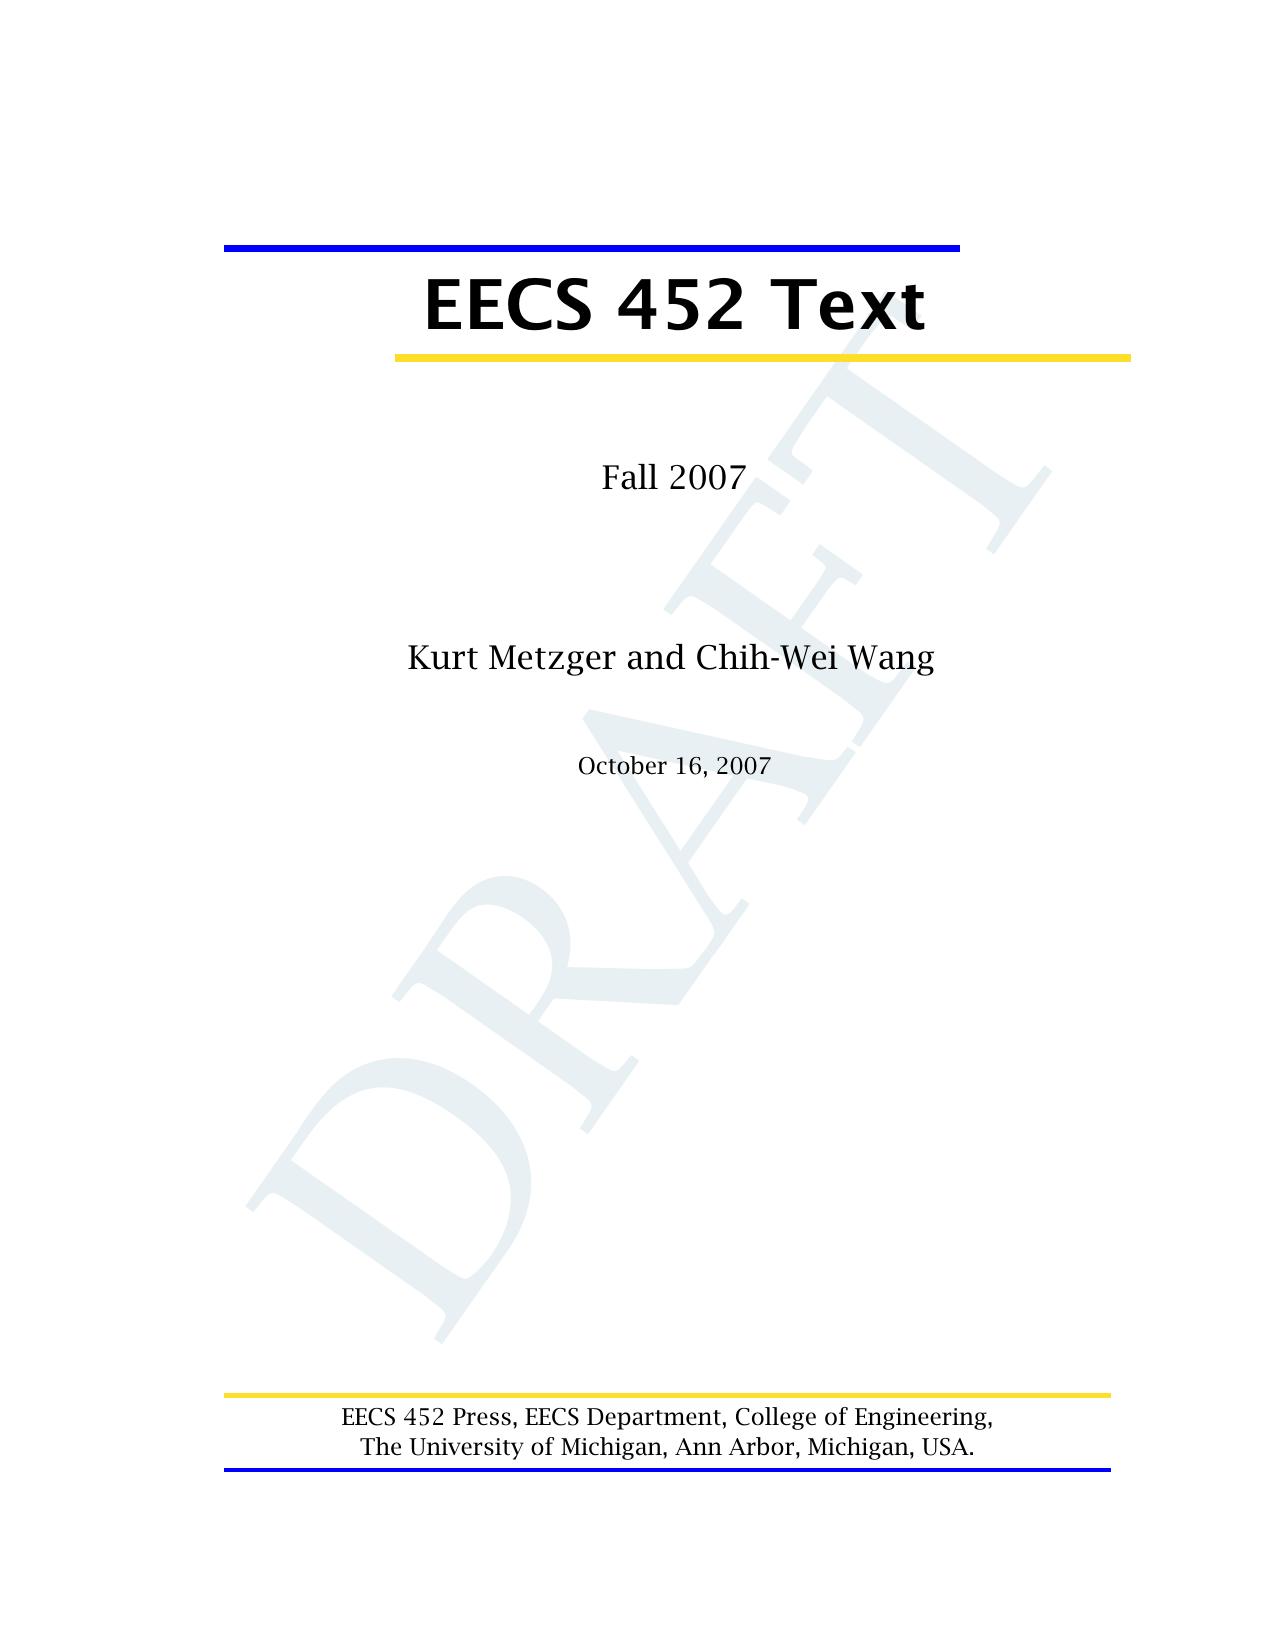 EECS 452 Text - EECS @ Michigan   manualzz com